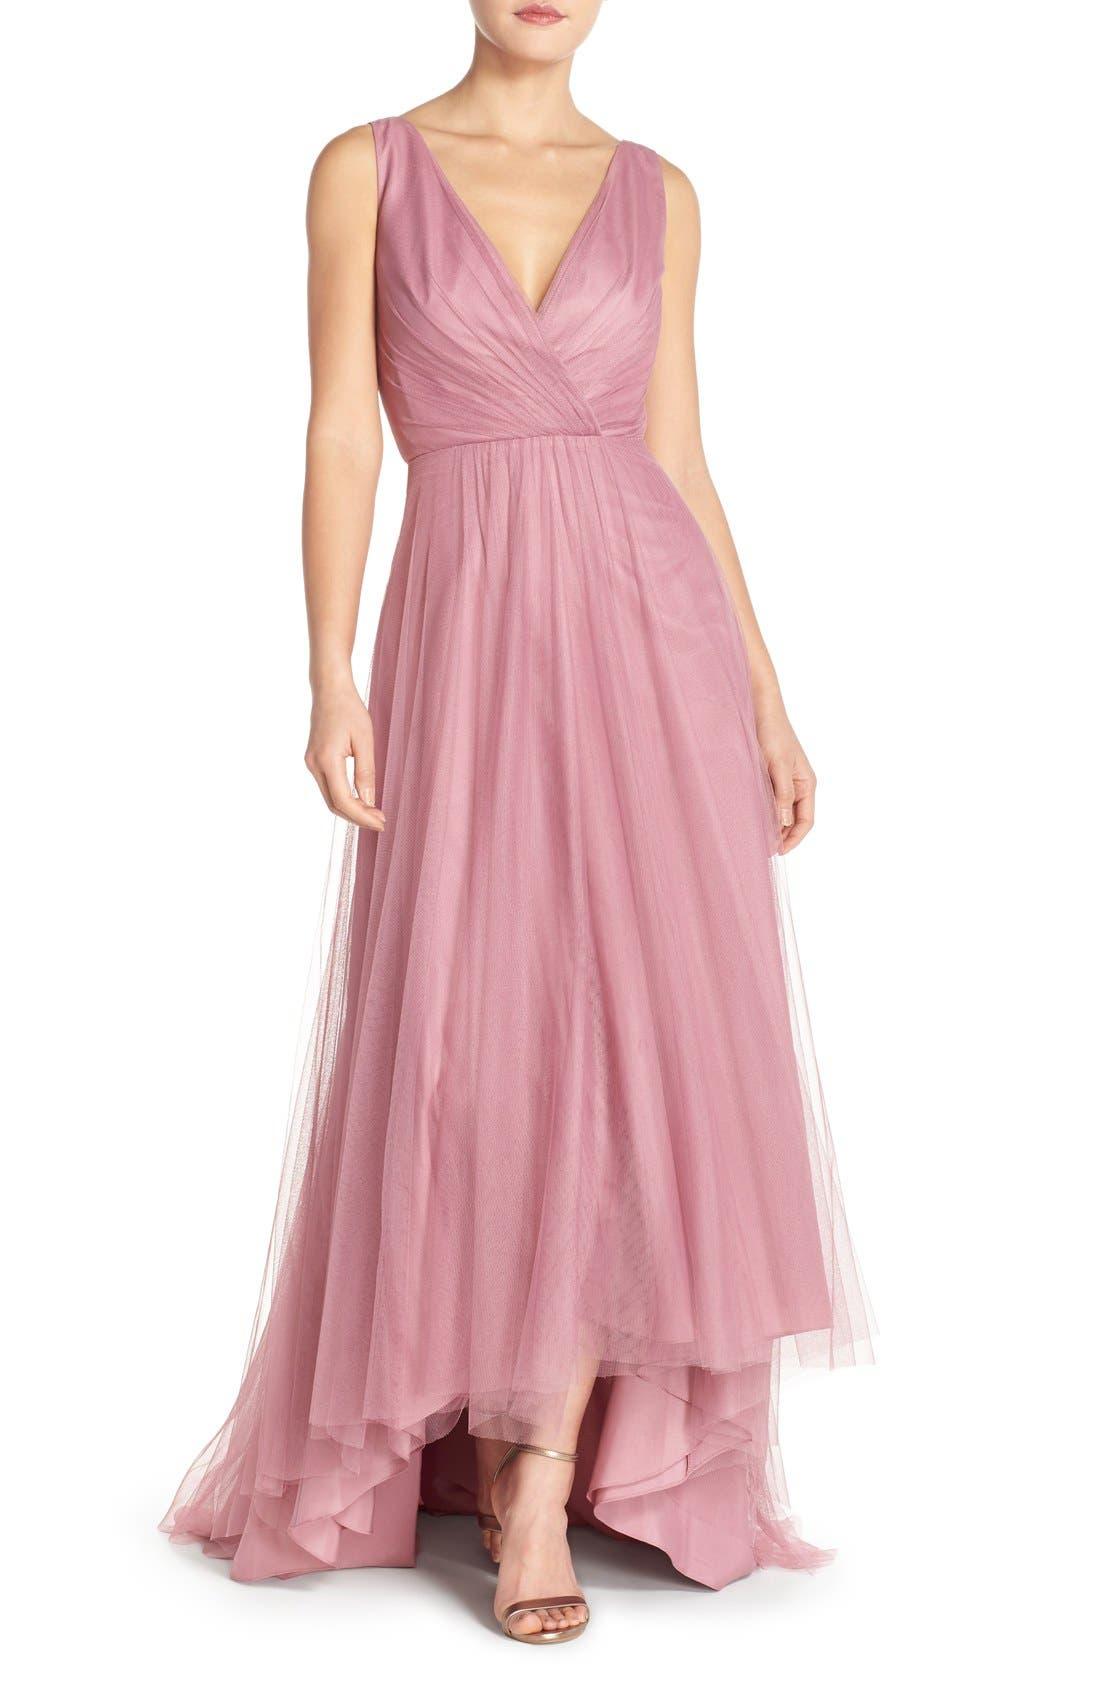 MONIQUE LHUILLIER BRIDESMAIDS Pleat Tulle V-Neck High/Low Gown